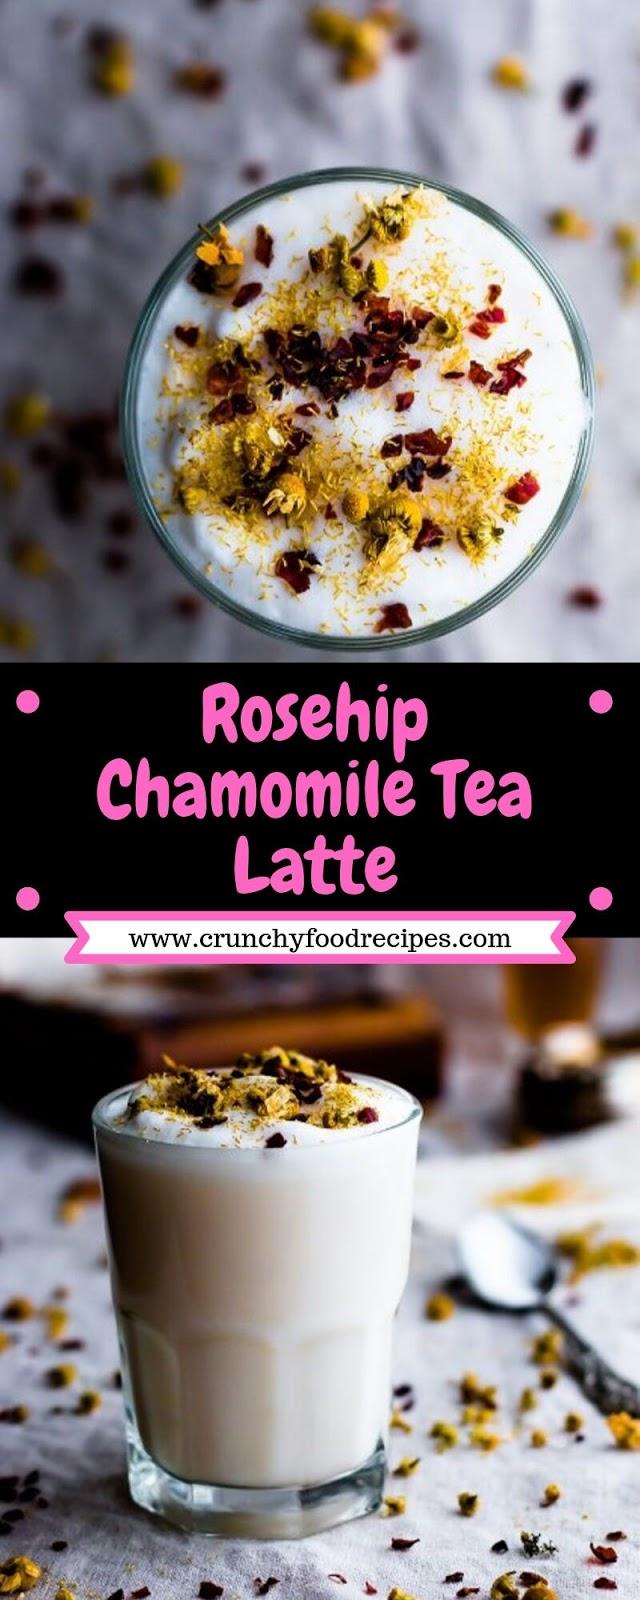 Rosehip Chamomile Tea Latte